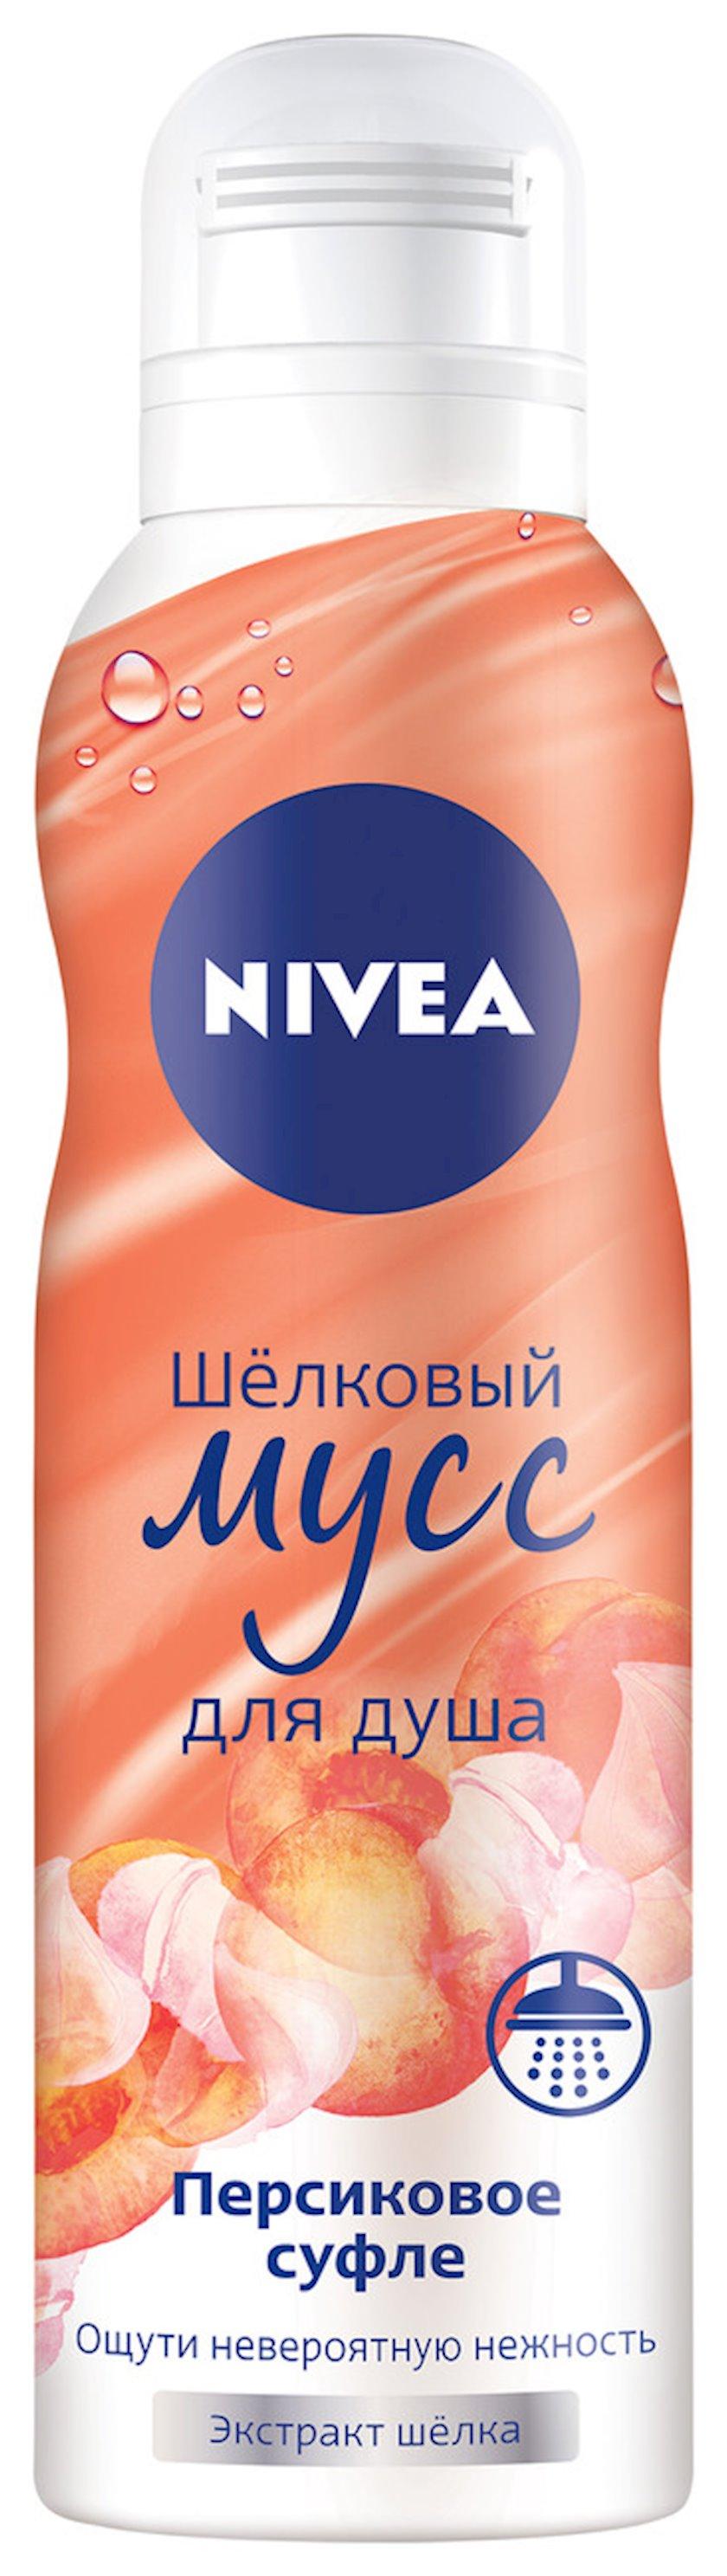 Muss duş üçün Nivea Şaftalı sufle, 200 ml